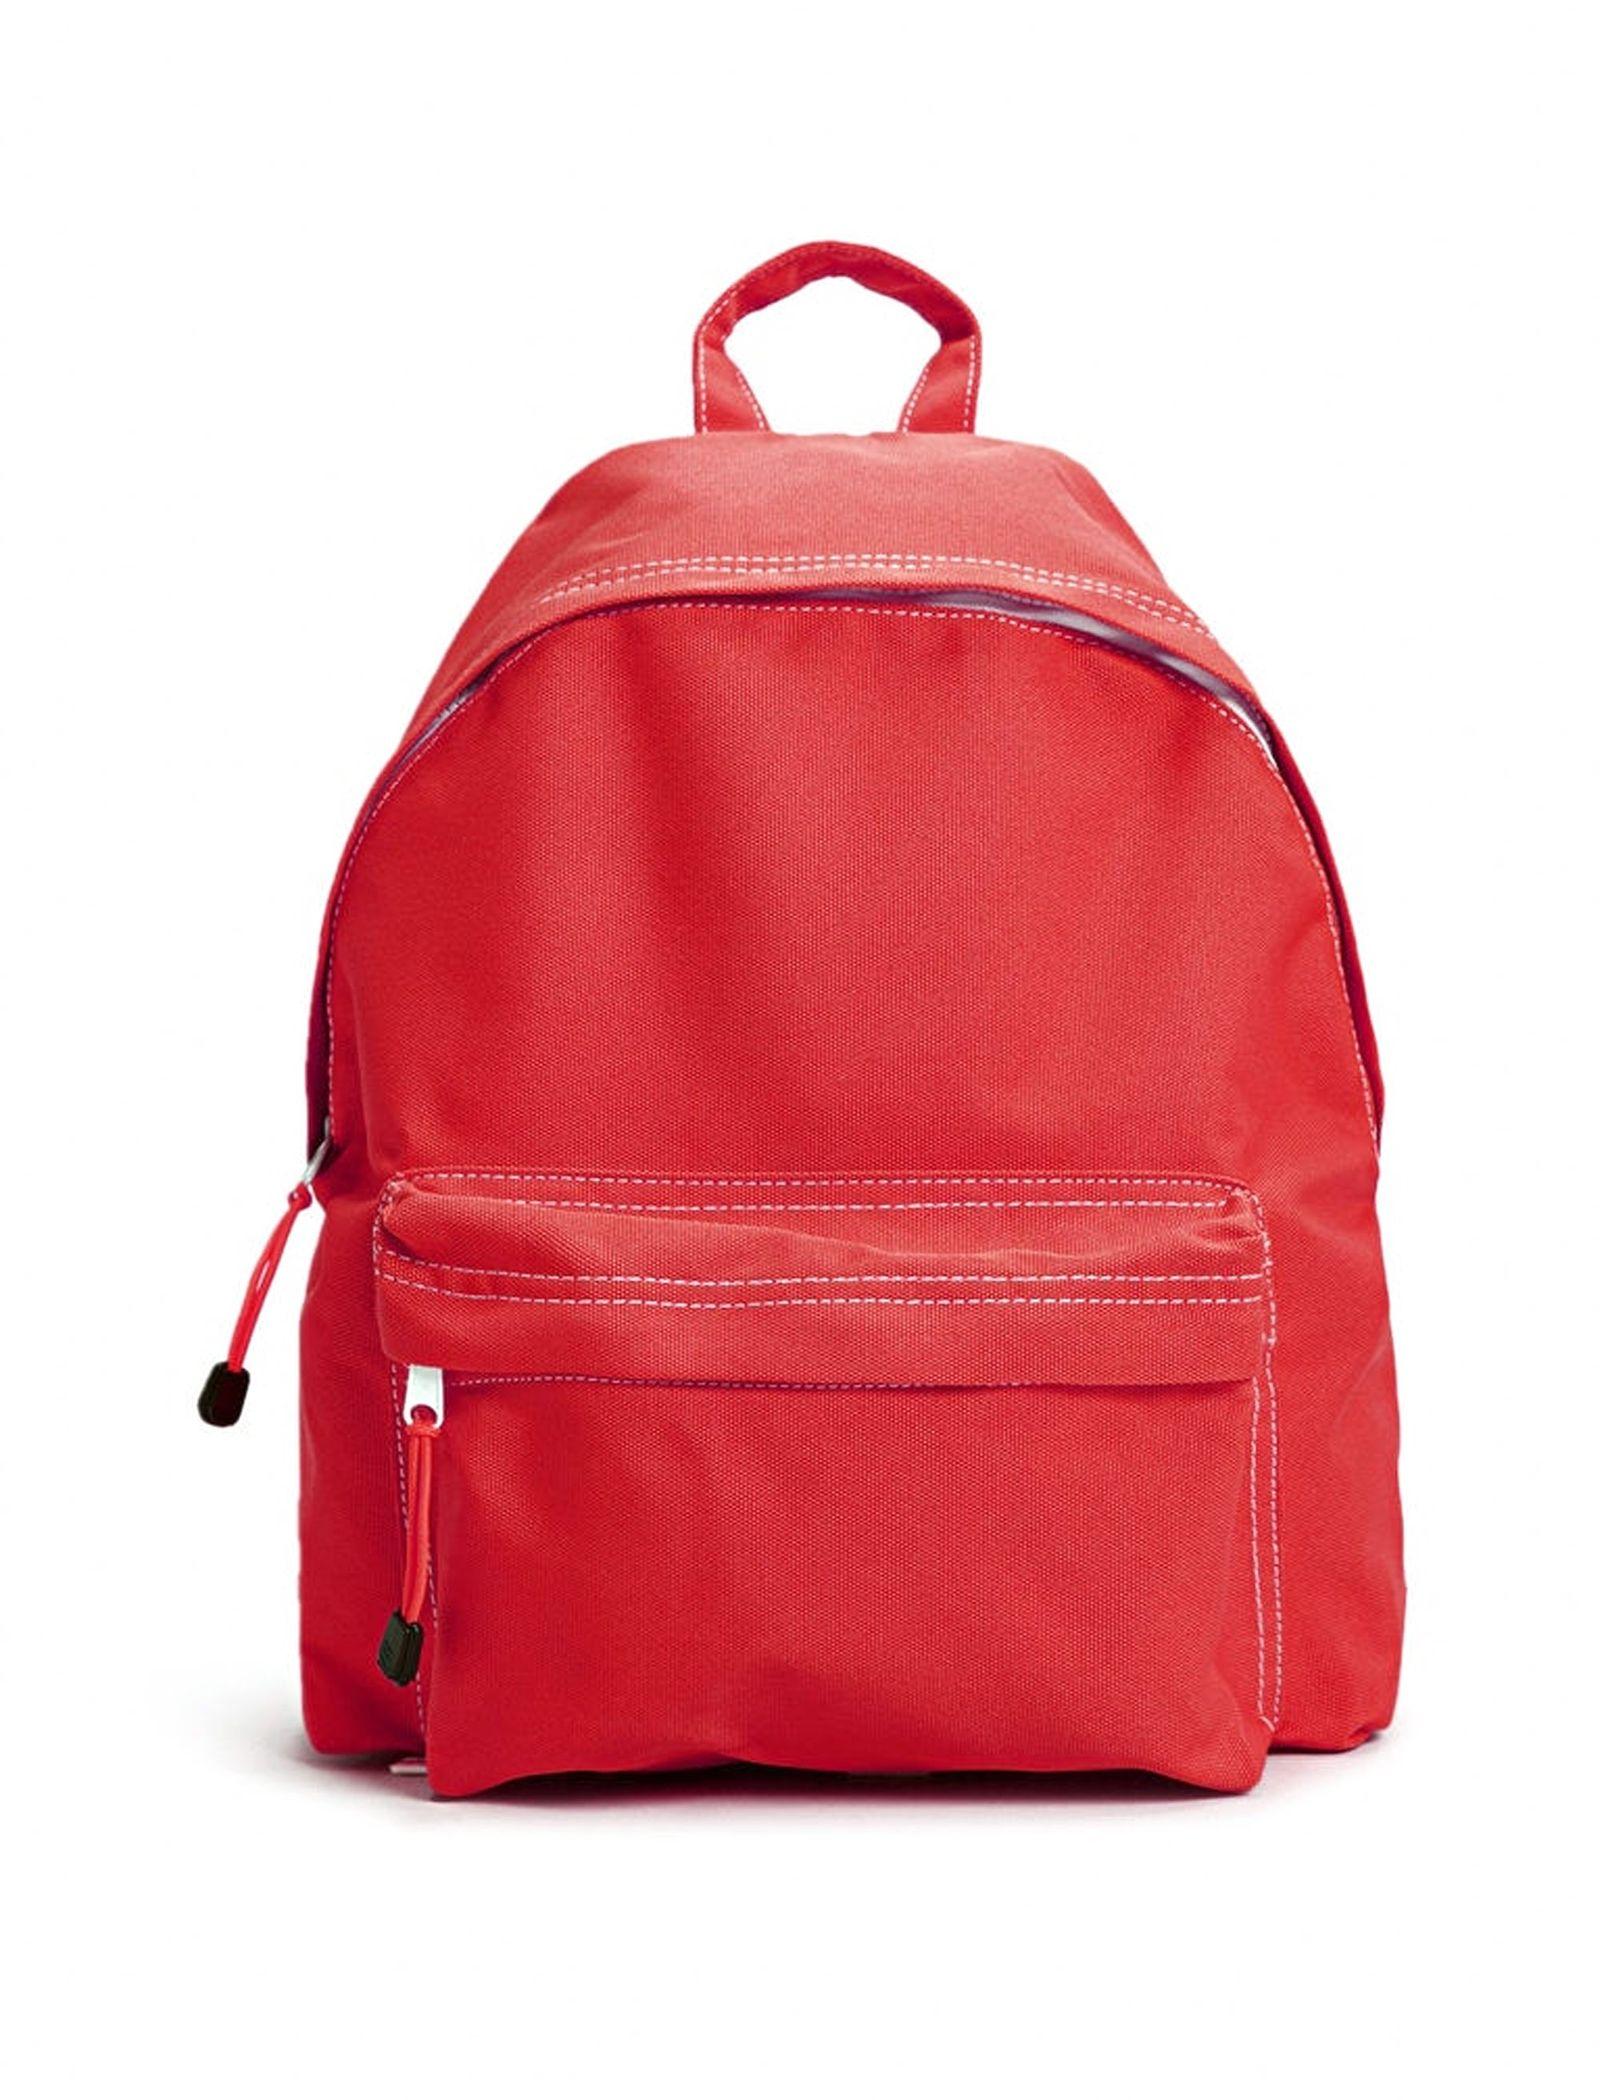 کوله پشتی روزمره مردانه - مانگو - قرمز - 1